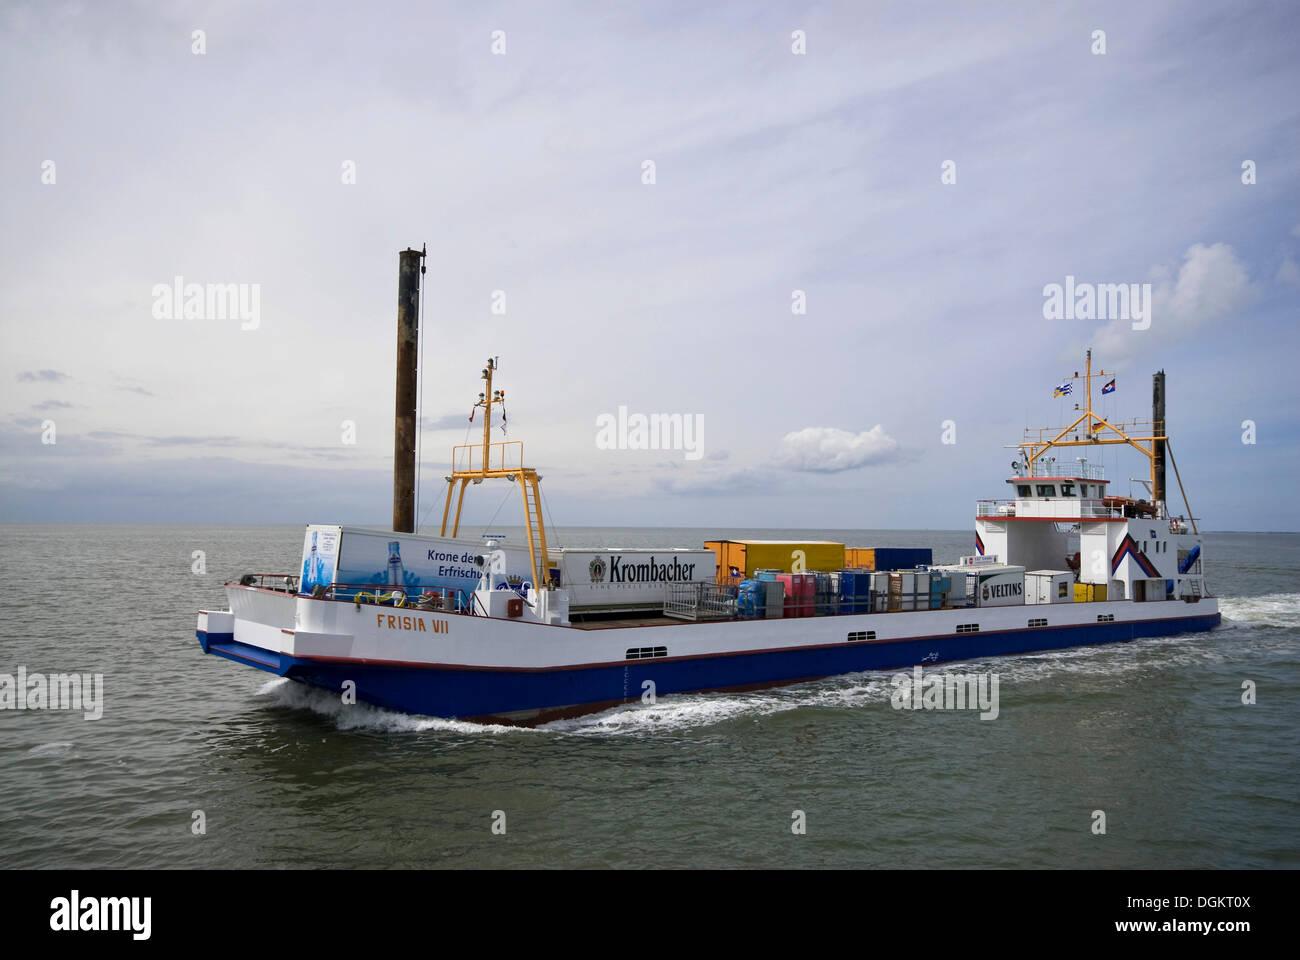 Flat keeled carguero en movimiento, Frisia VII, con suministros para la isla Juist, Baja Sajonia, Mar de Wadden Imagen De Stock